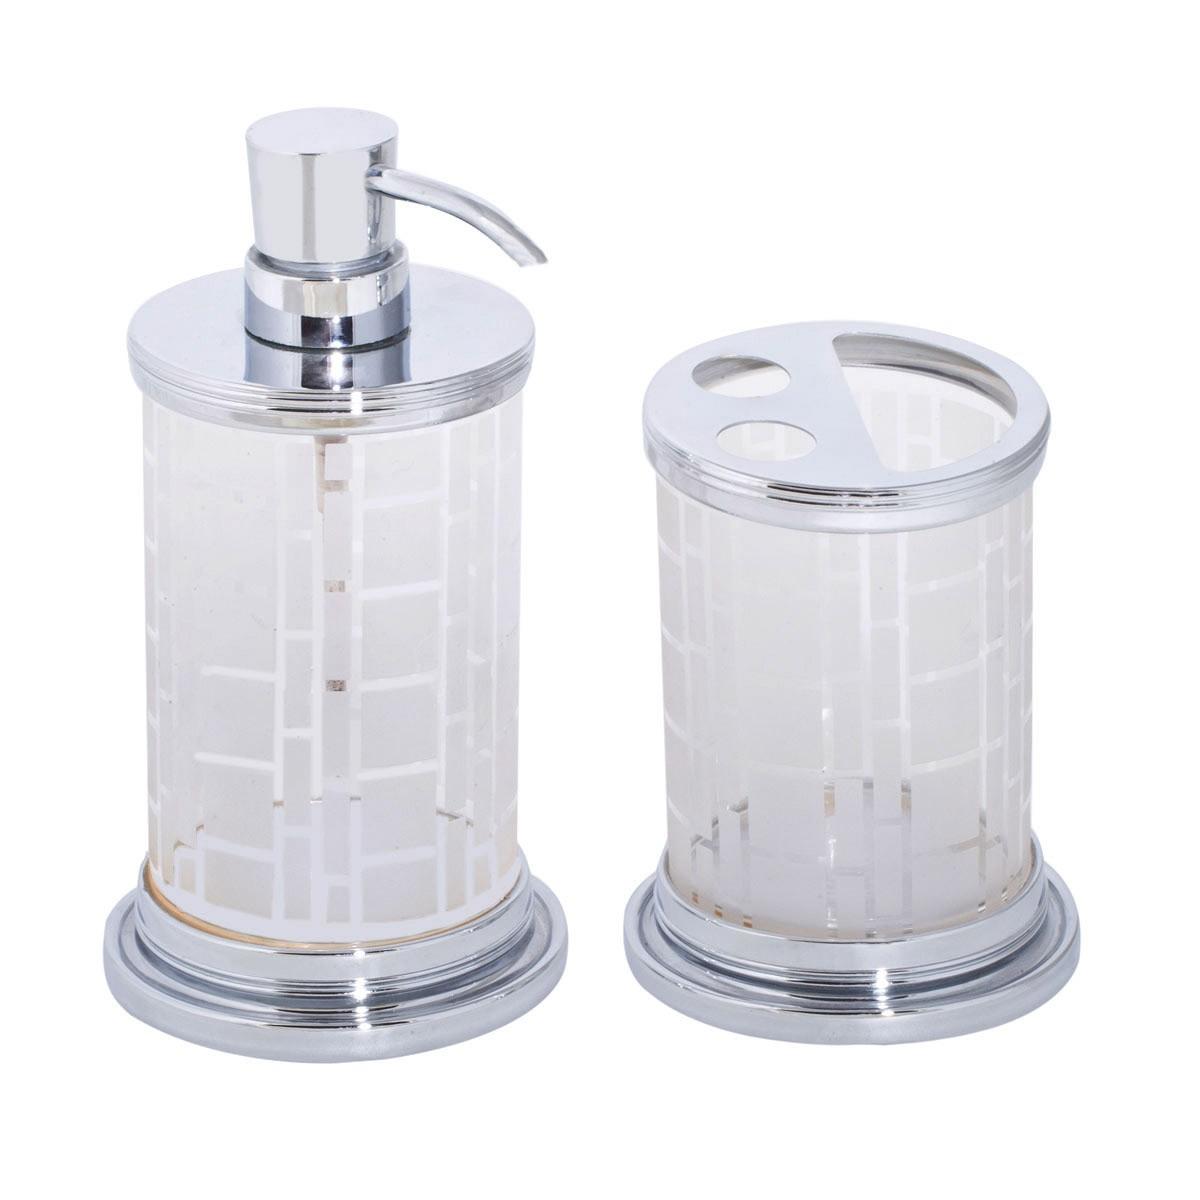 Αξεσουάρ Μπάνιου (Σετ 2τμχ) Marva Mat Glass 561005